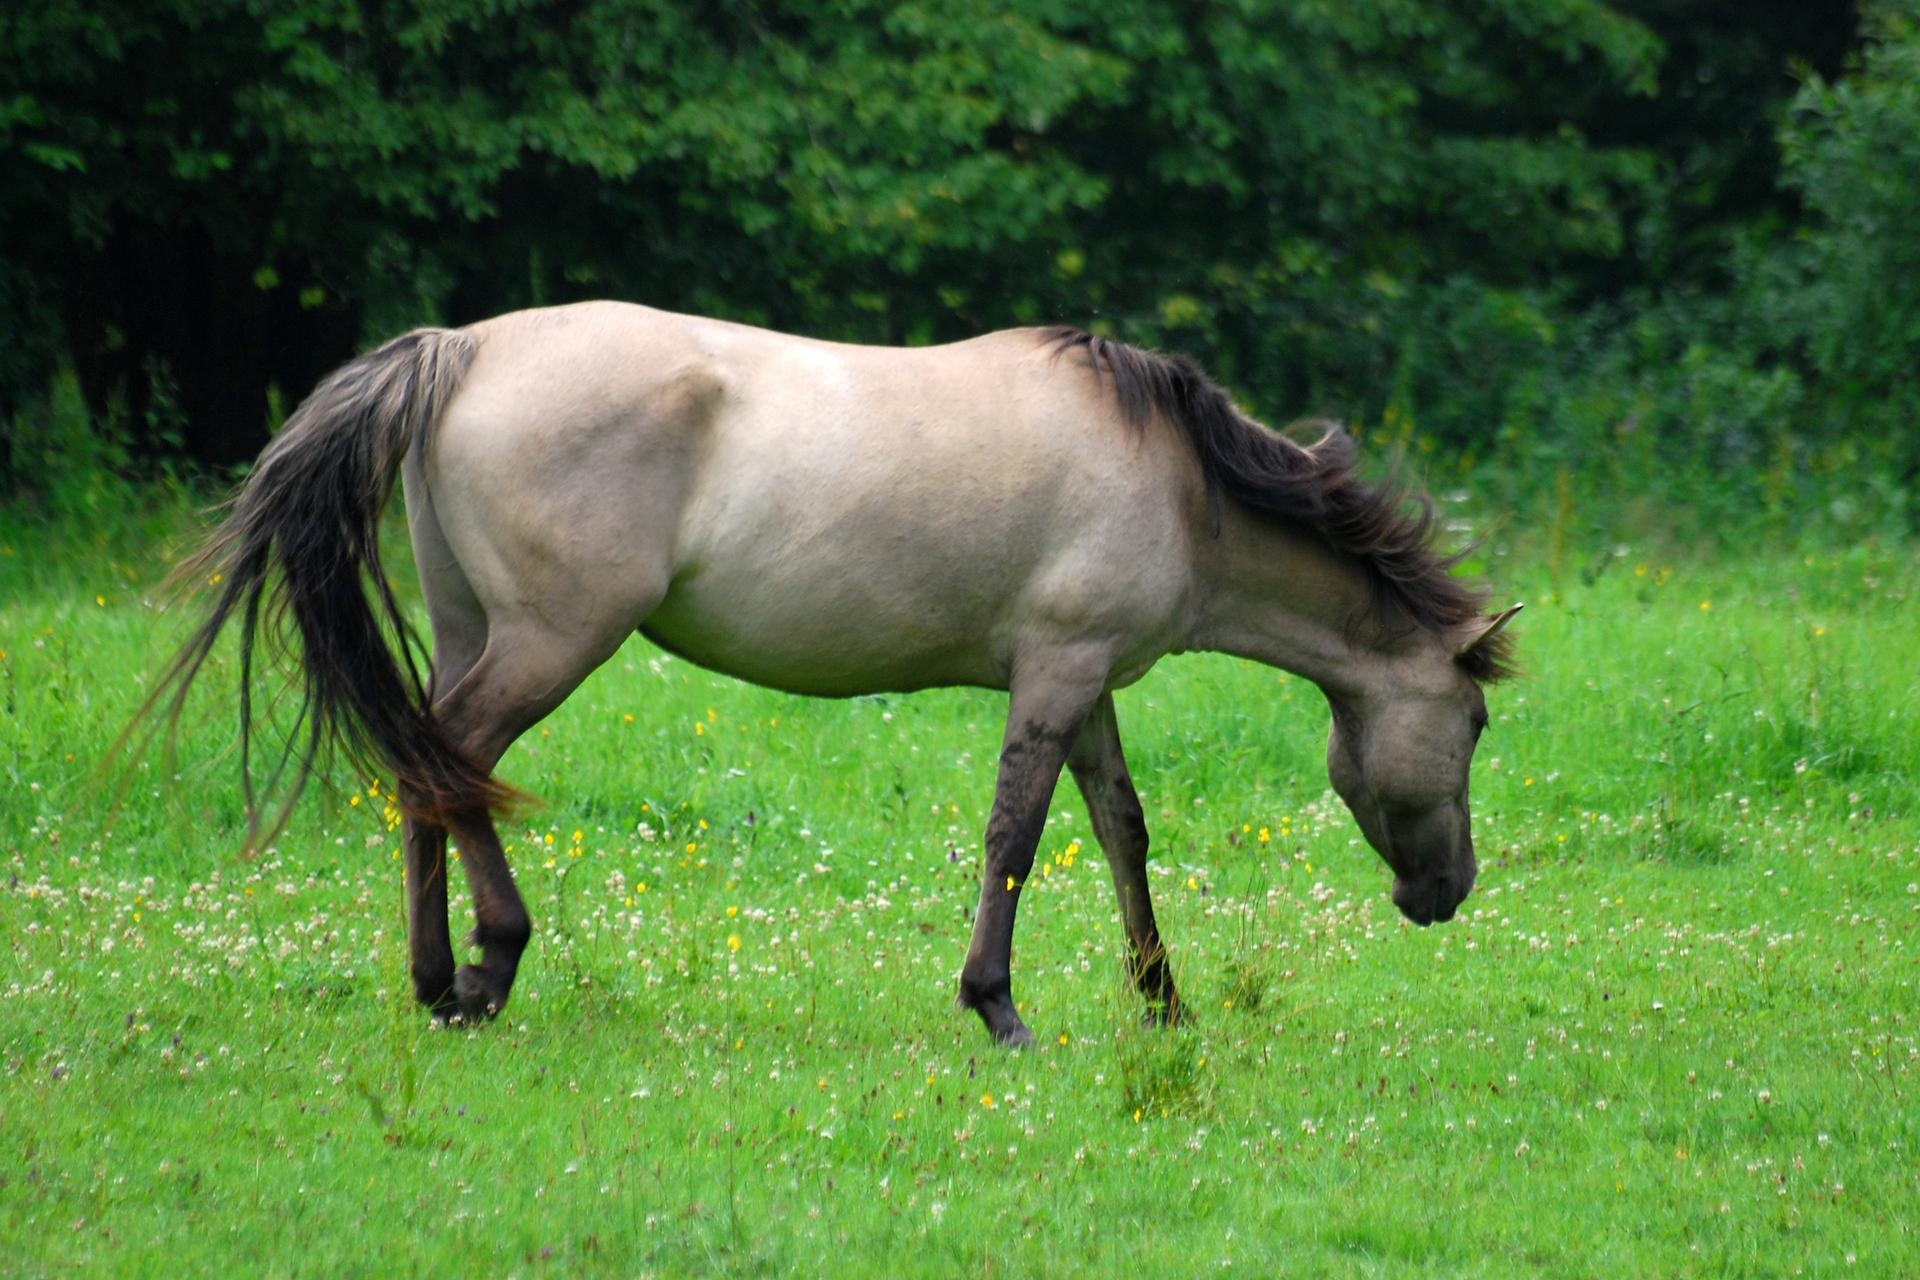 Fotografia przedstawia biegnącego wprawo konia tarpana. Jest jasnobrązowy zczarną grzywą iogonem. Pysk wąski, ciemniejszy przy nosie. Oczy są duże. Lewa przednia uniesiona, zciemną pęciną iczarnym kopytem. Pozostałe zanurzone wwysokiej, pożółkłej trawie. Wtle ciemny las.